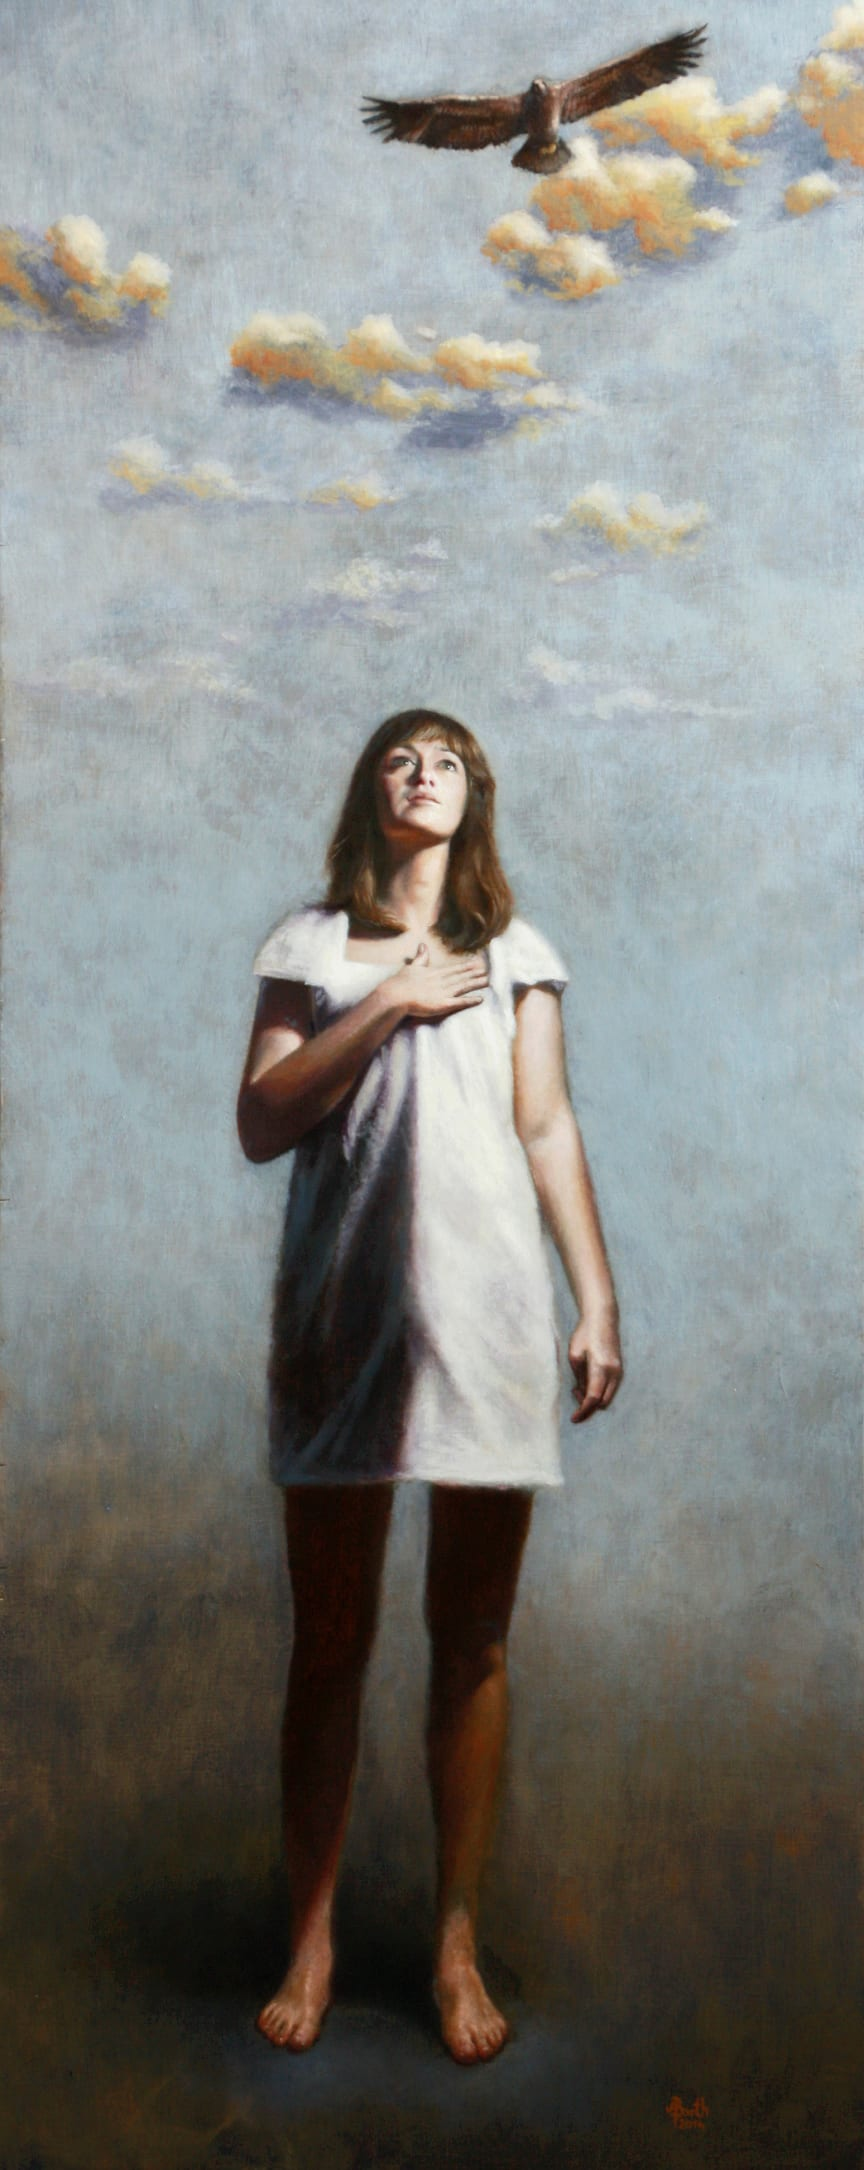 """Kunstwettbewerb """"Malen gegen Eierstockkrebs"""" - Kategorie """"Aufmerksamkeit schaffend"""" - Platz 1, Anja Barth"""